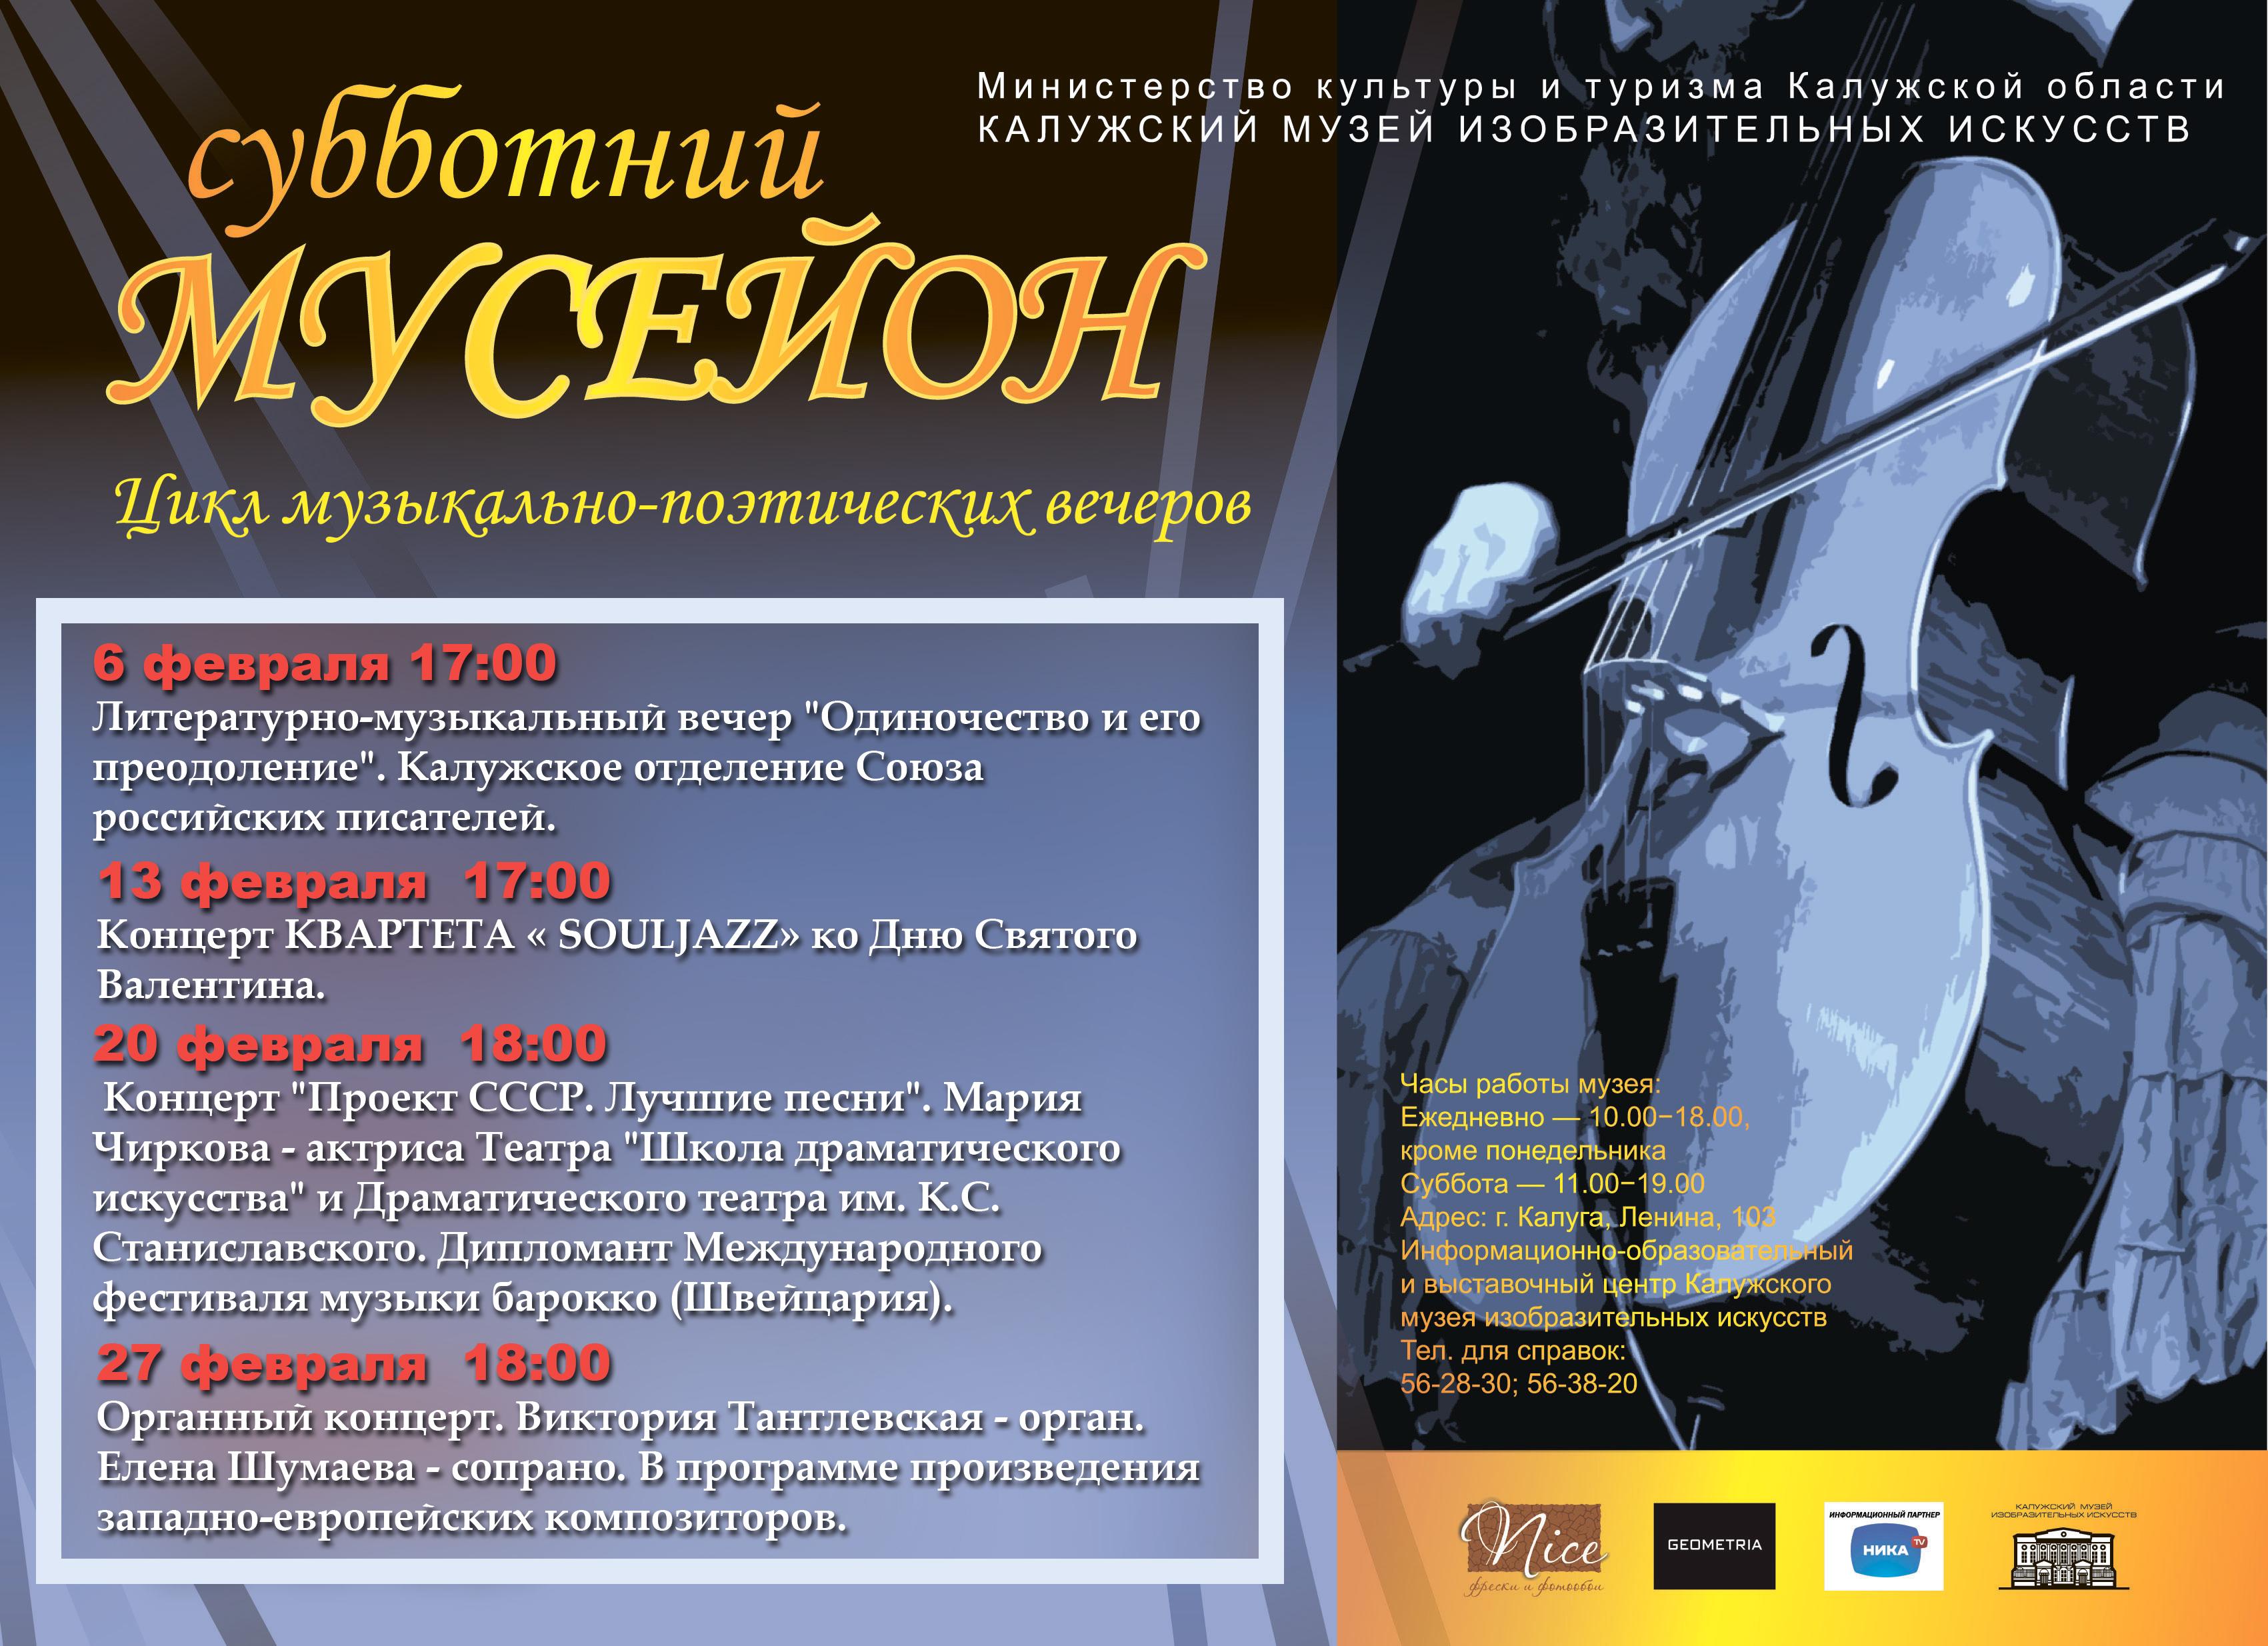 Калужский музей изобразительных искусств приглашает на февральский Субботний мусейон